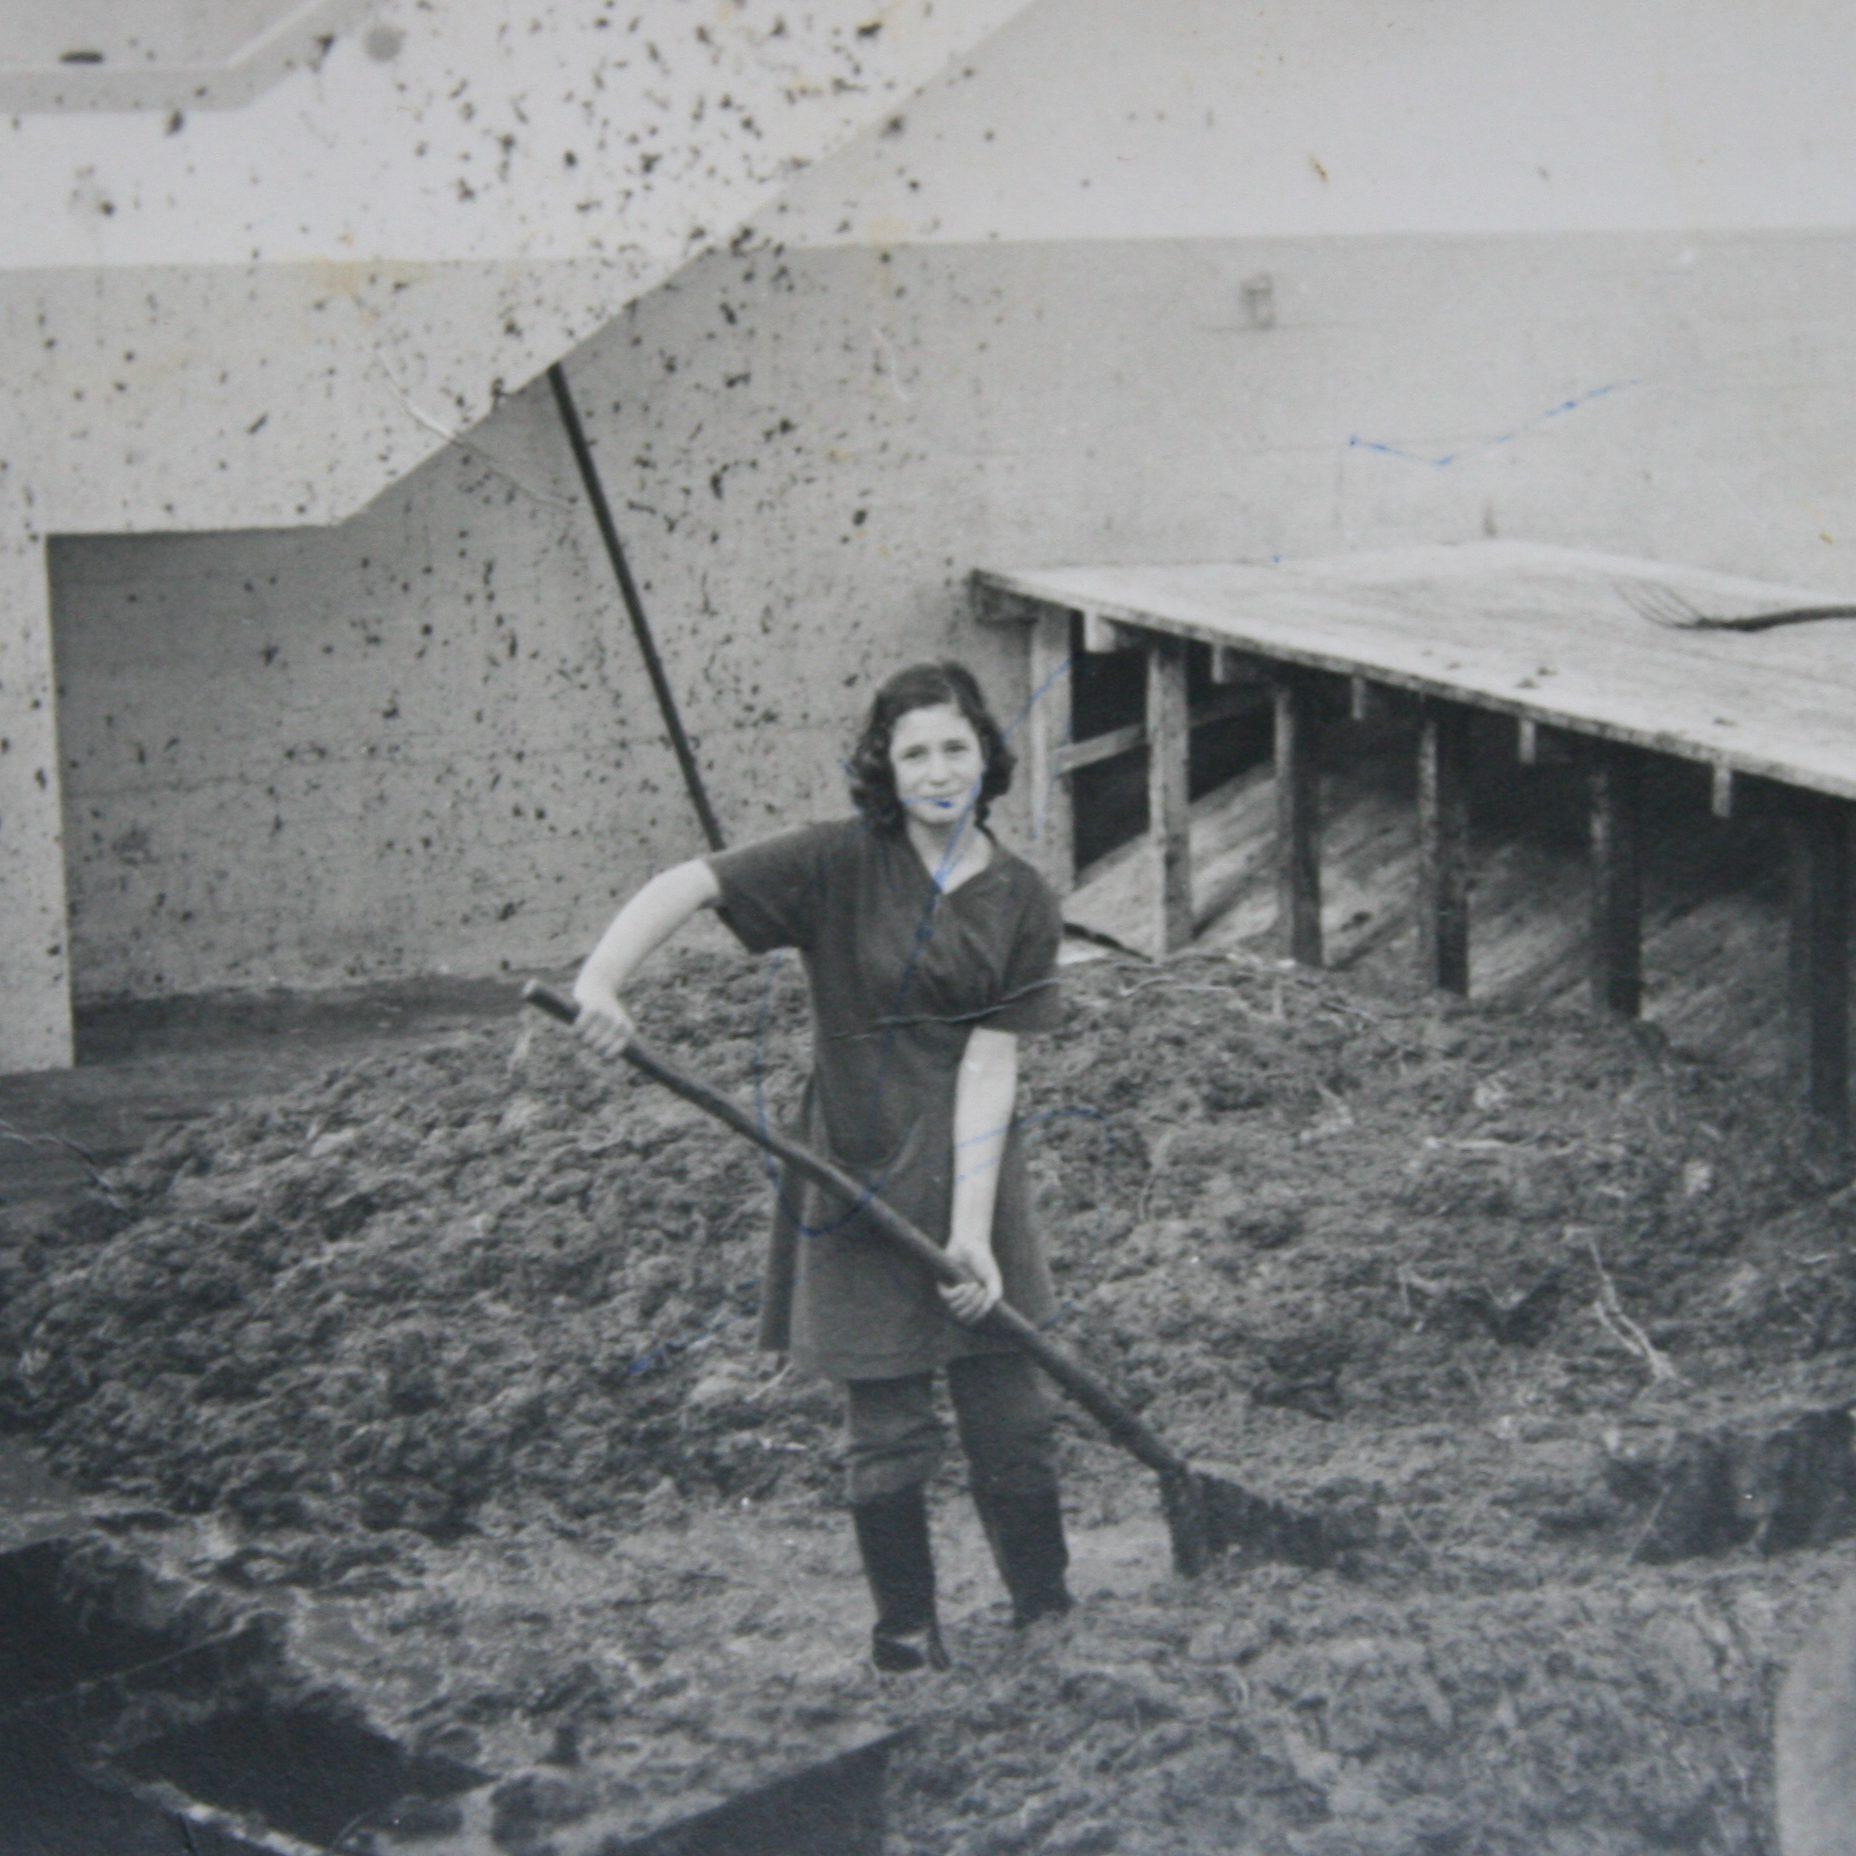 1. Mulleres paleando na fariña no almacén da Factoría de Morás. Laboratorio de Investigación Social. Concello de Xove. Cortesía Leonides Casabella Balseiro.